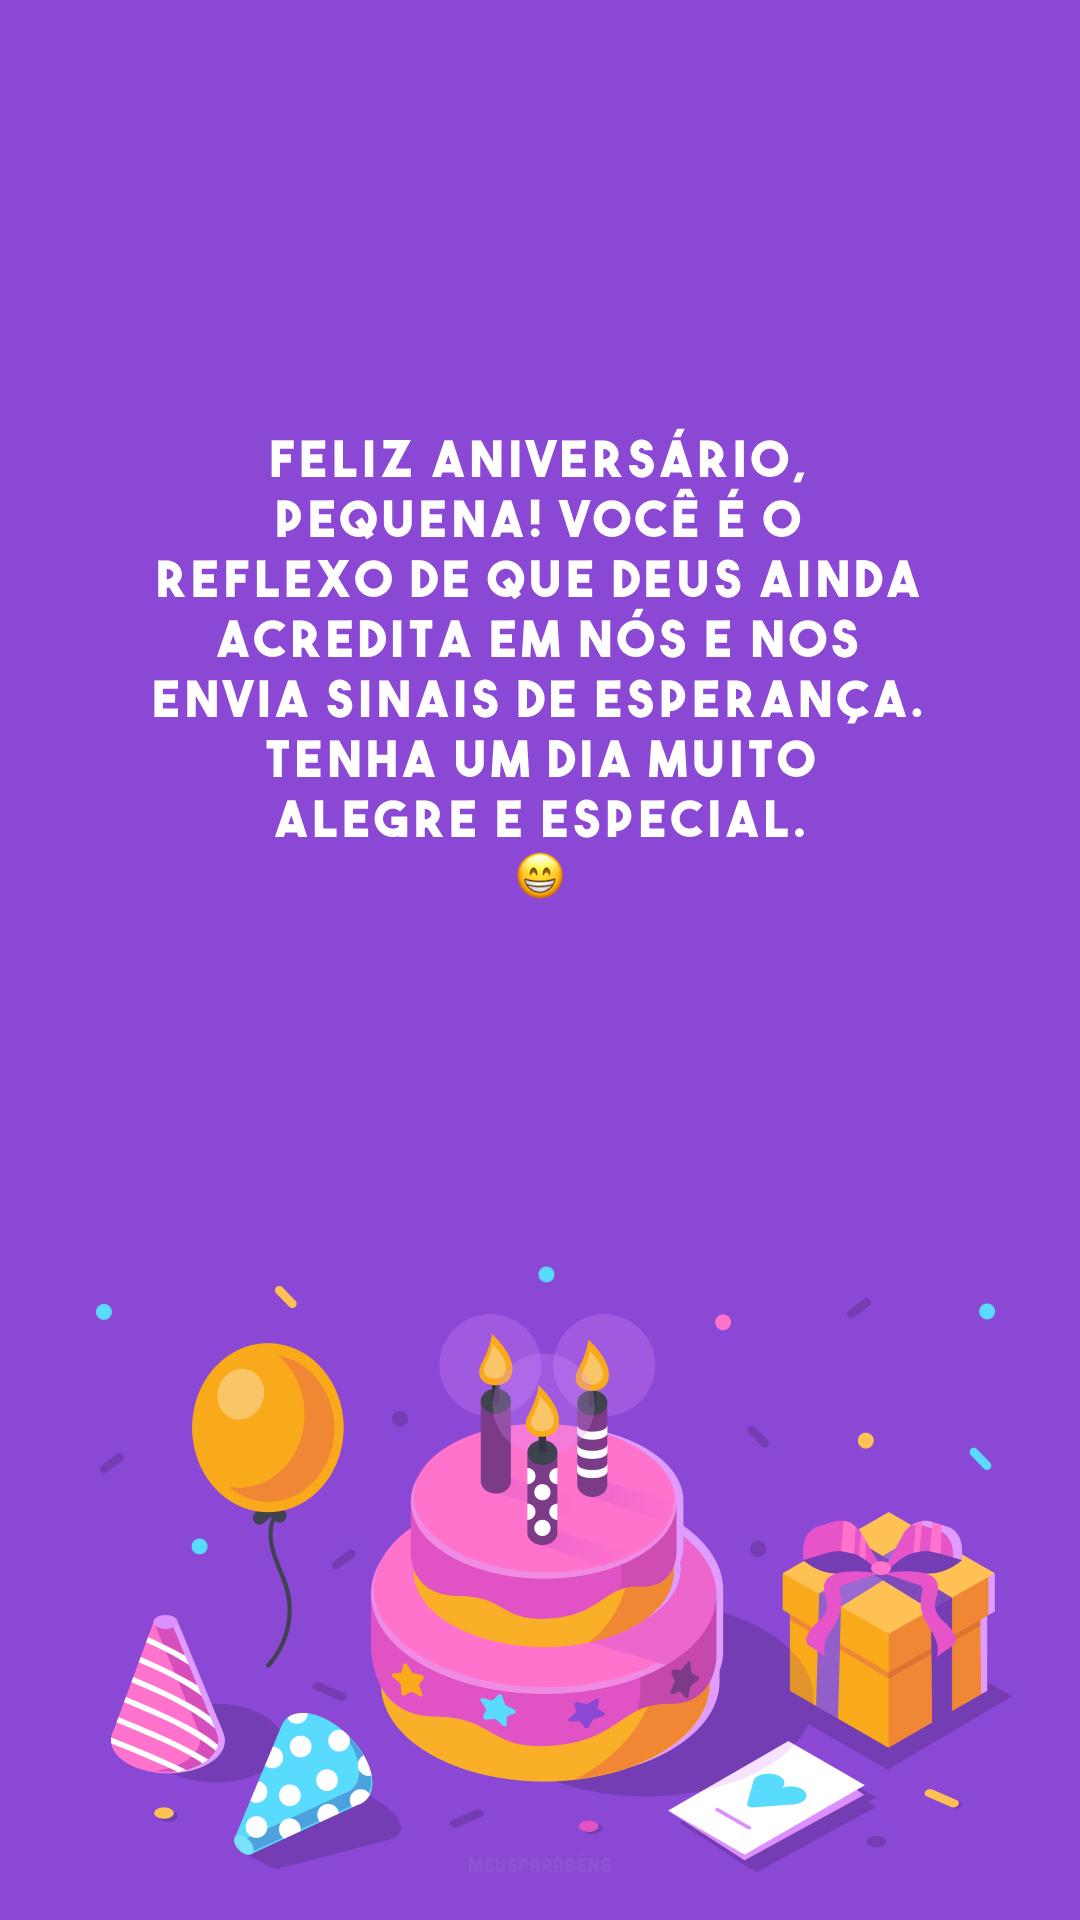 Feliz aniversário, pequena! Você é o reflexo de que Deus ainda acredita em nós e nos envia sinais de esperança. Tenha um dia muito alegre e especial. 😁